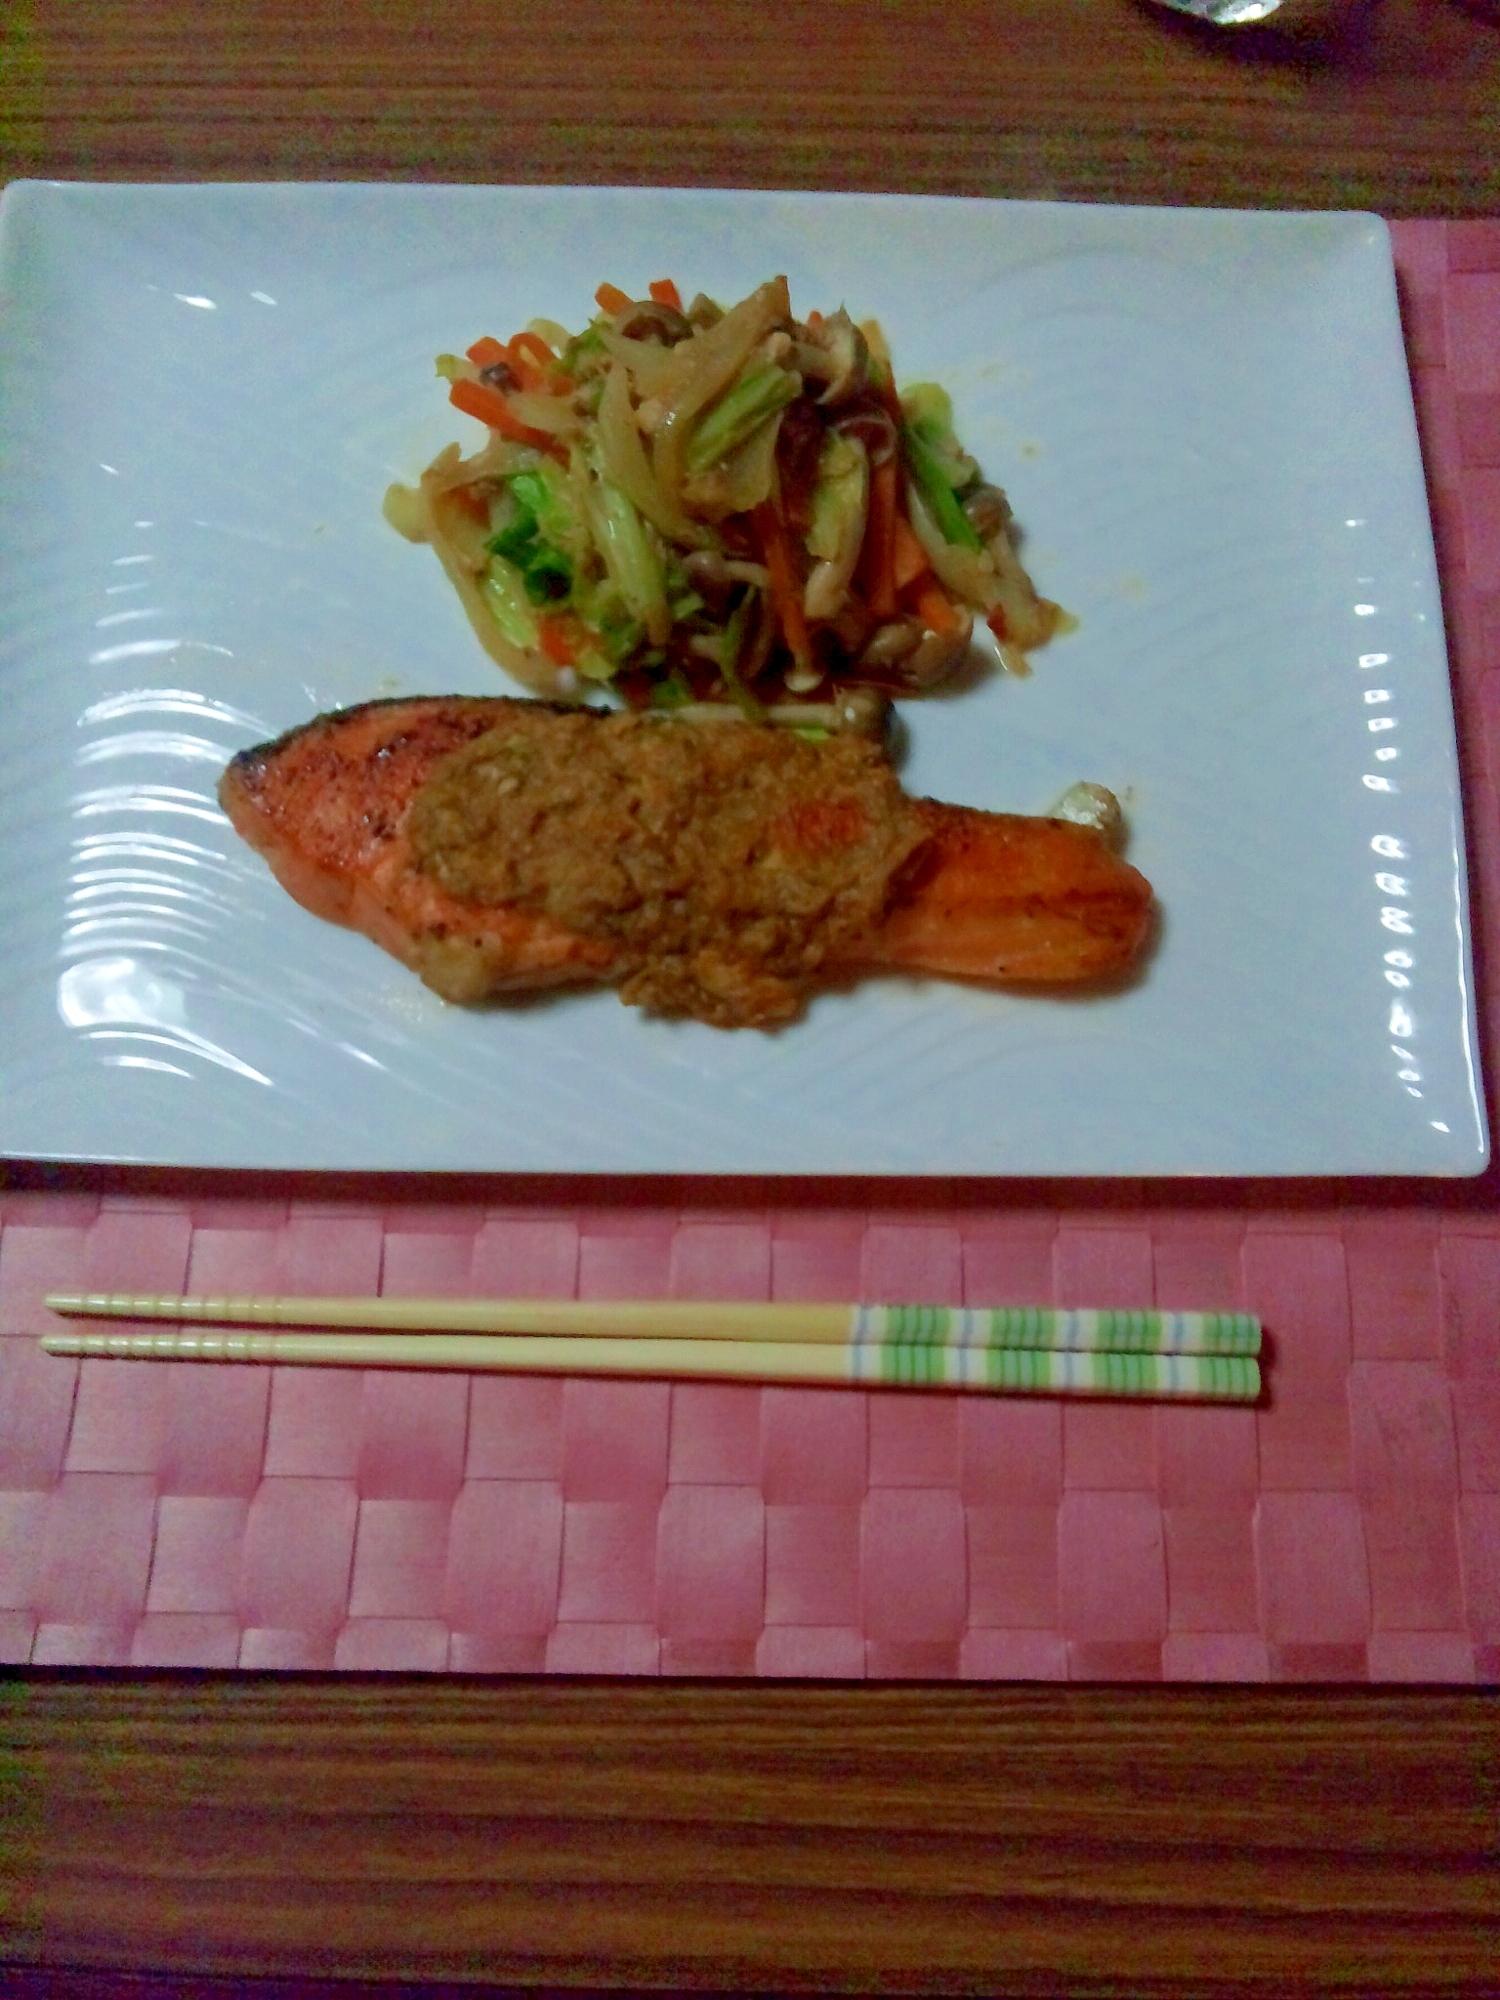 ヨウサマの『タニタ式』ダイエット食鮭の味噌焼き